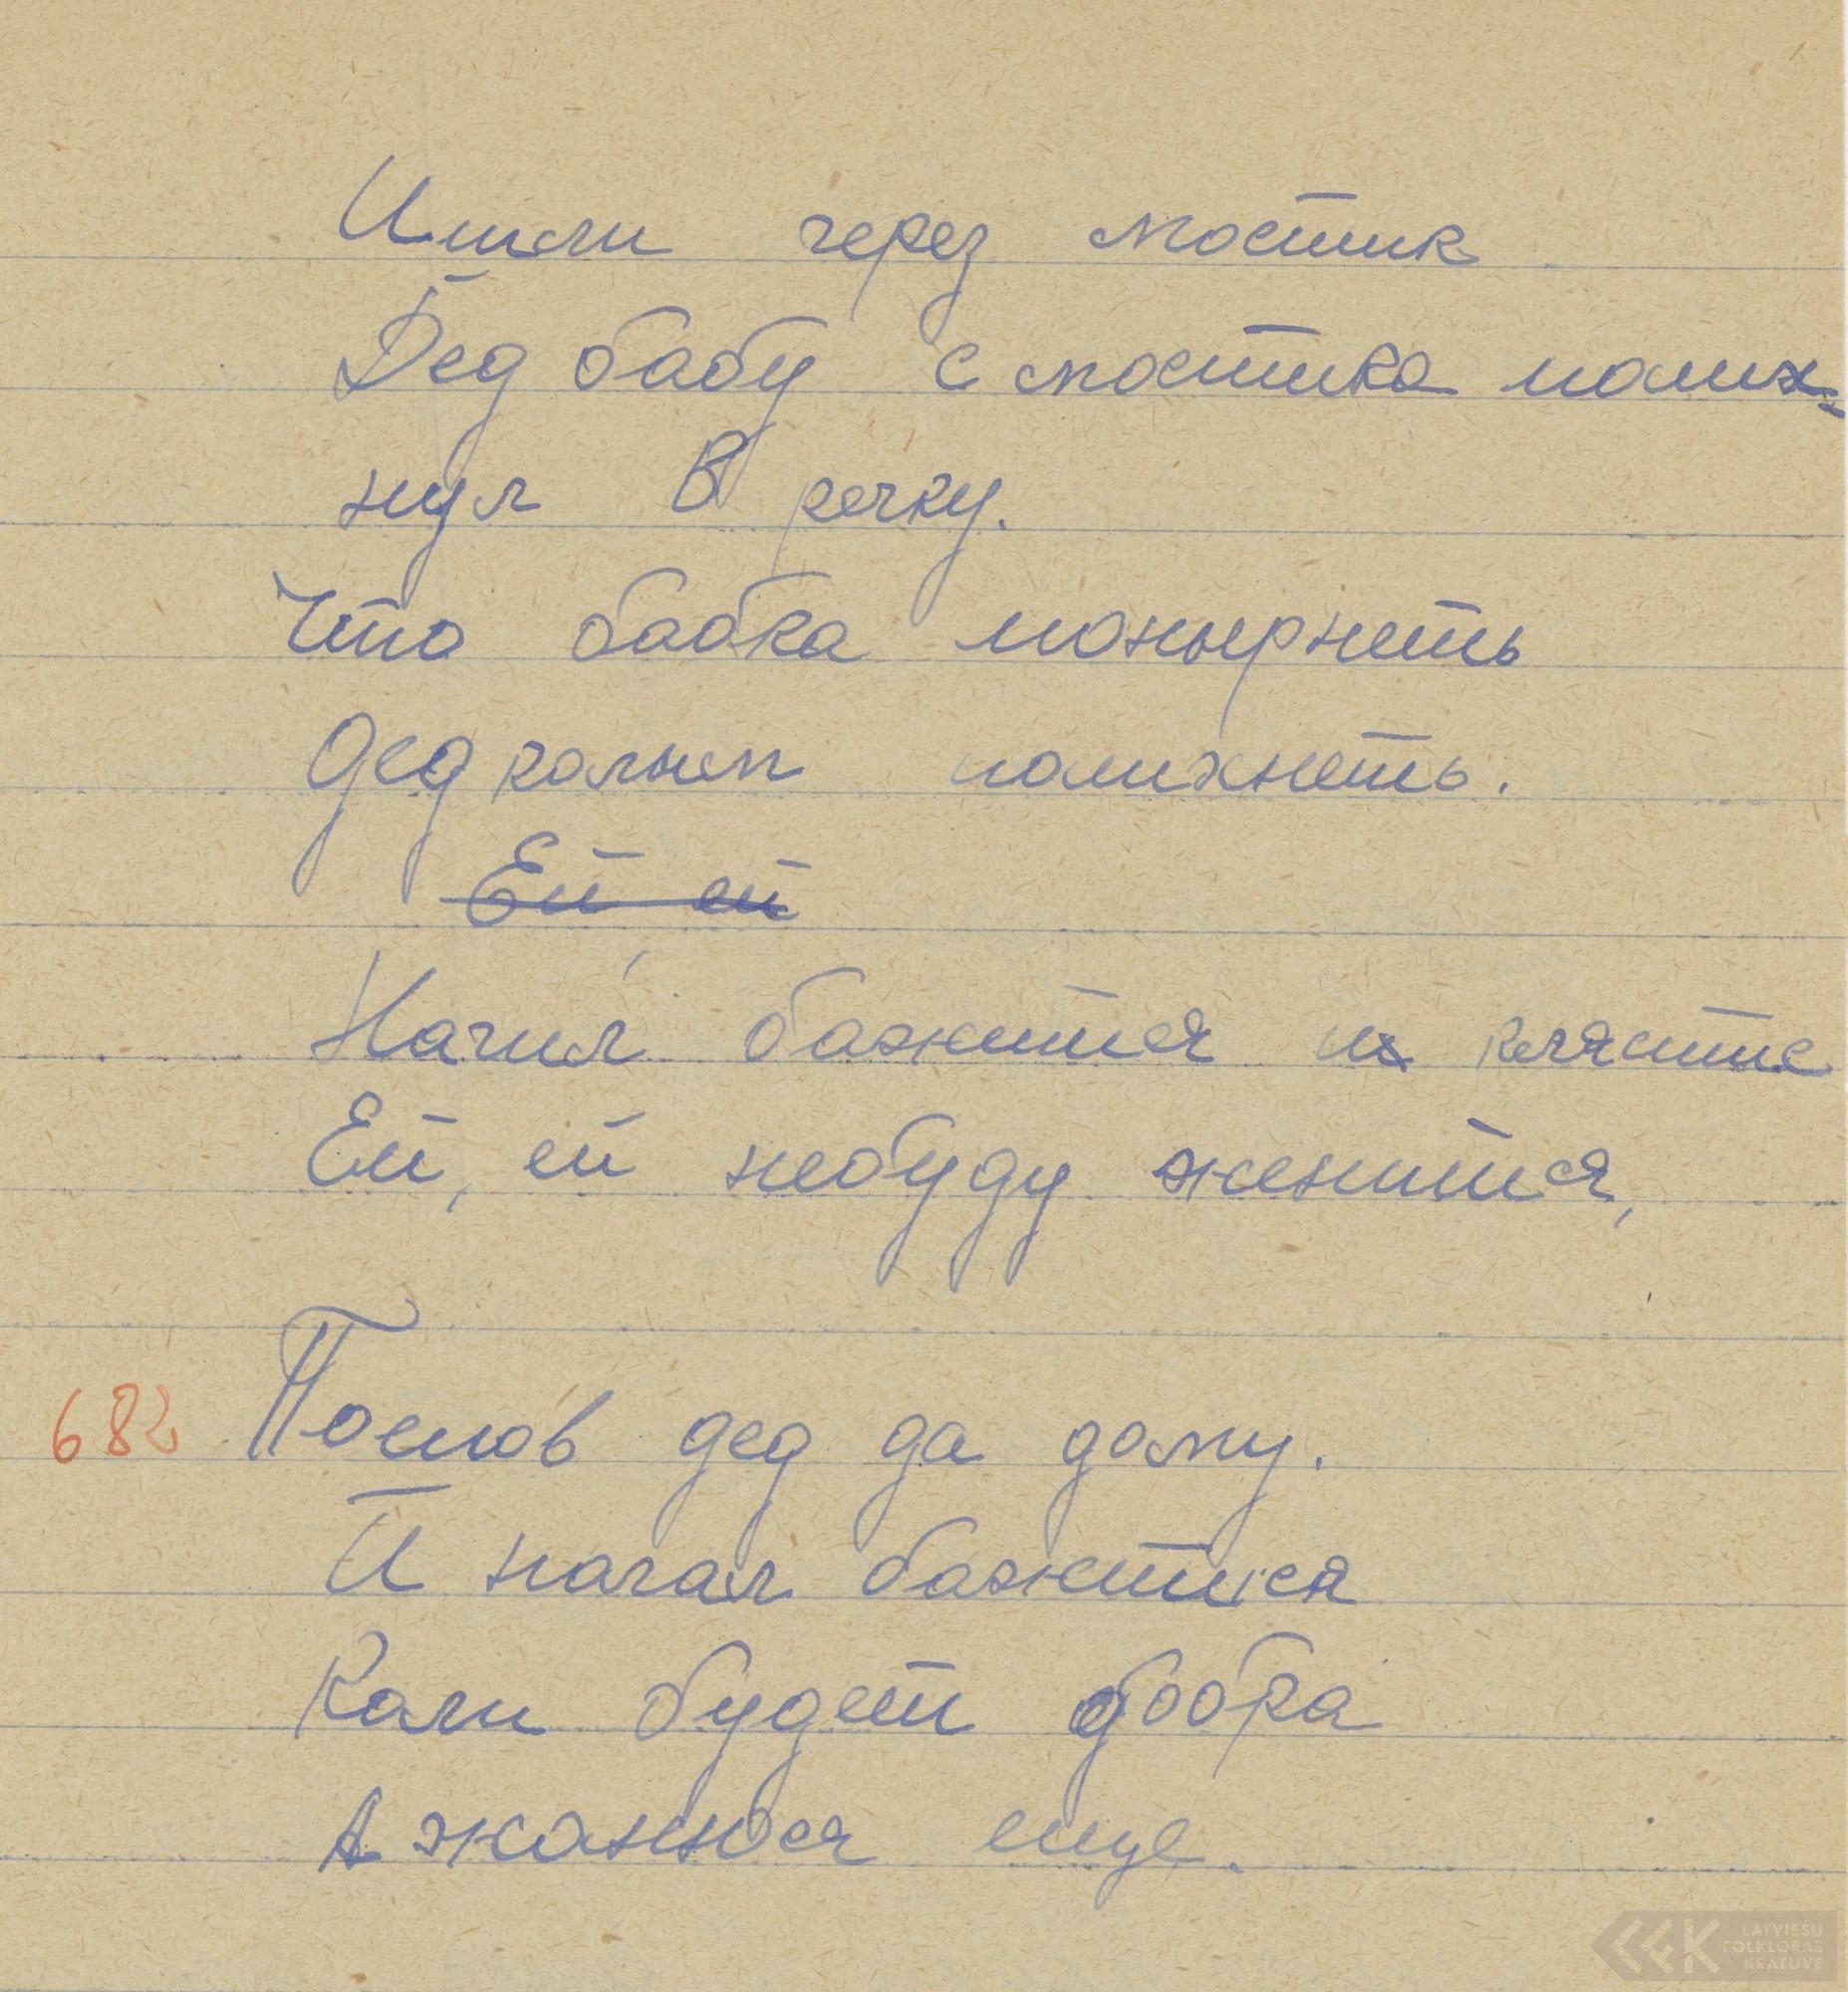 0144-Valsts-Kraslavas-vidusskola-02-0031